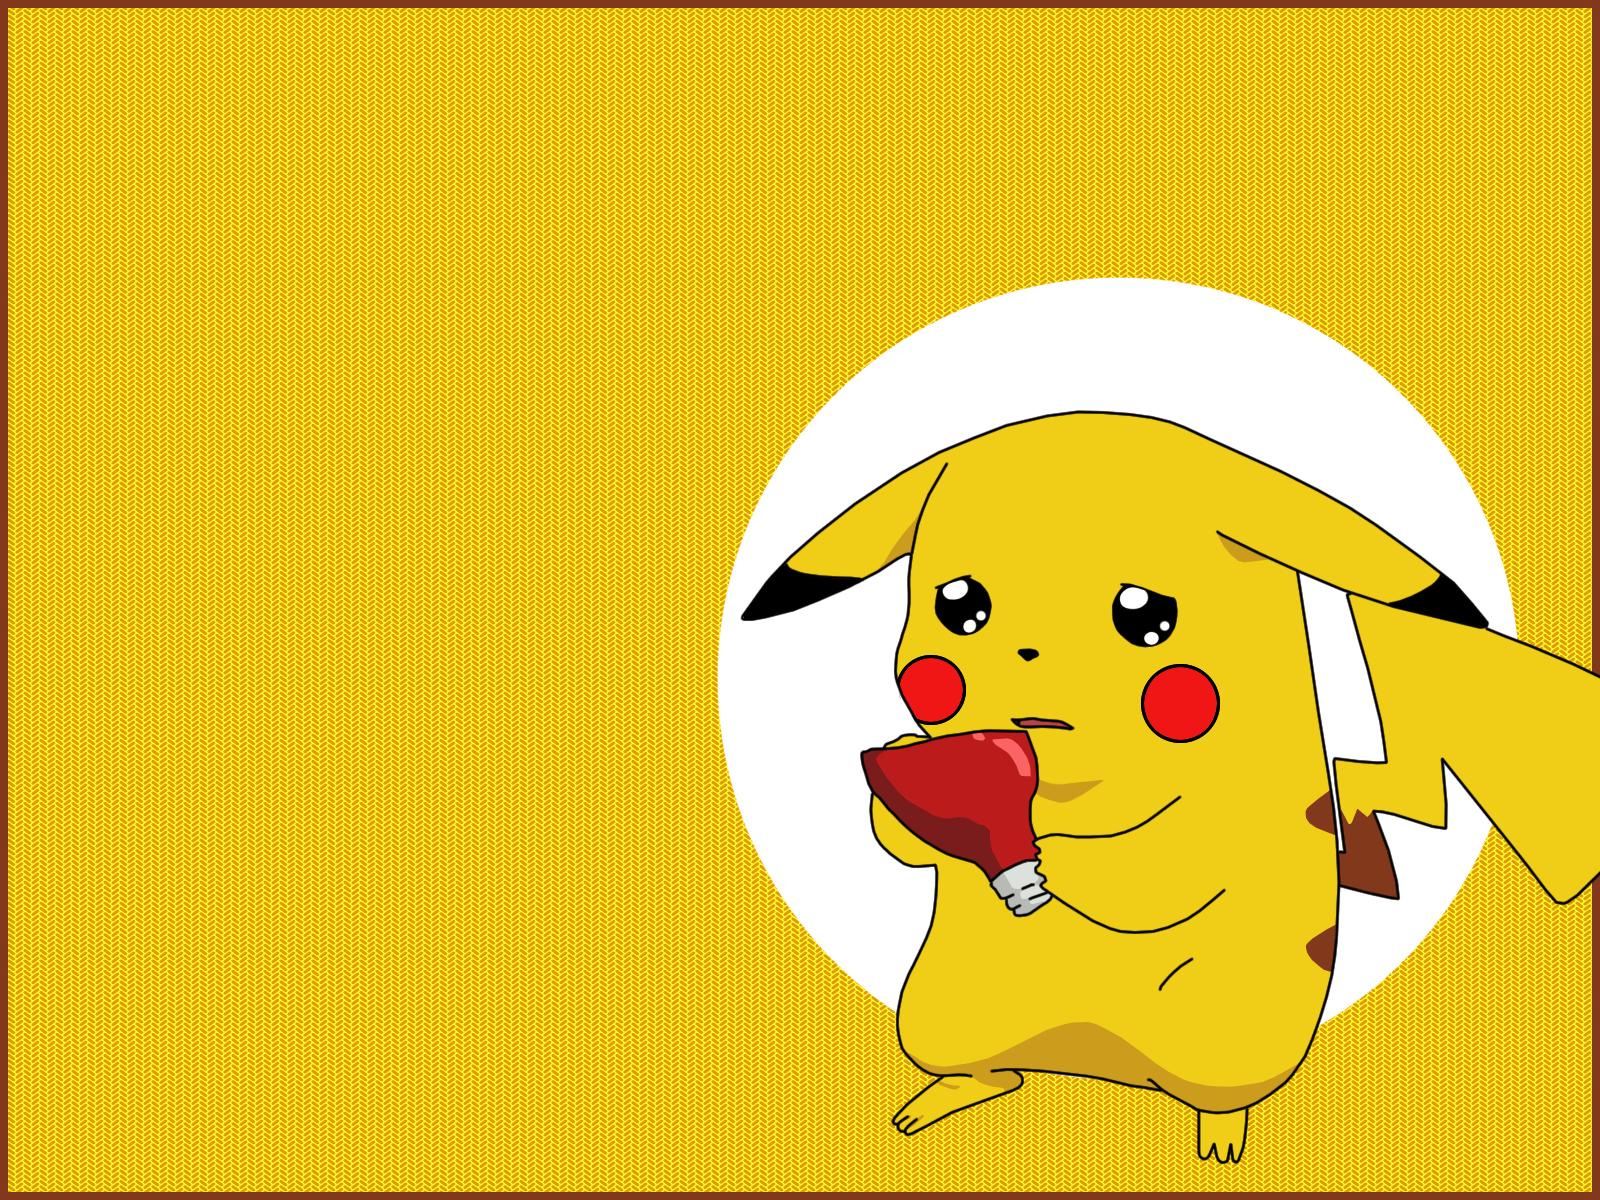 Pokemon Pikachu Wallpaper 1600x1200 Pokemon Pikachu 1600x1200